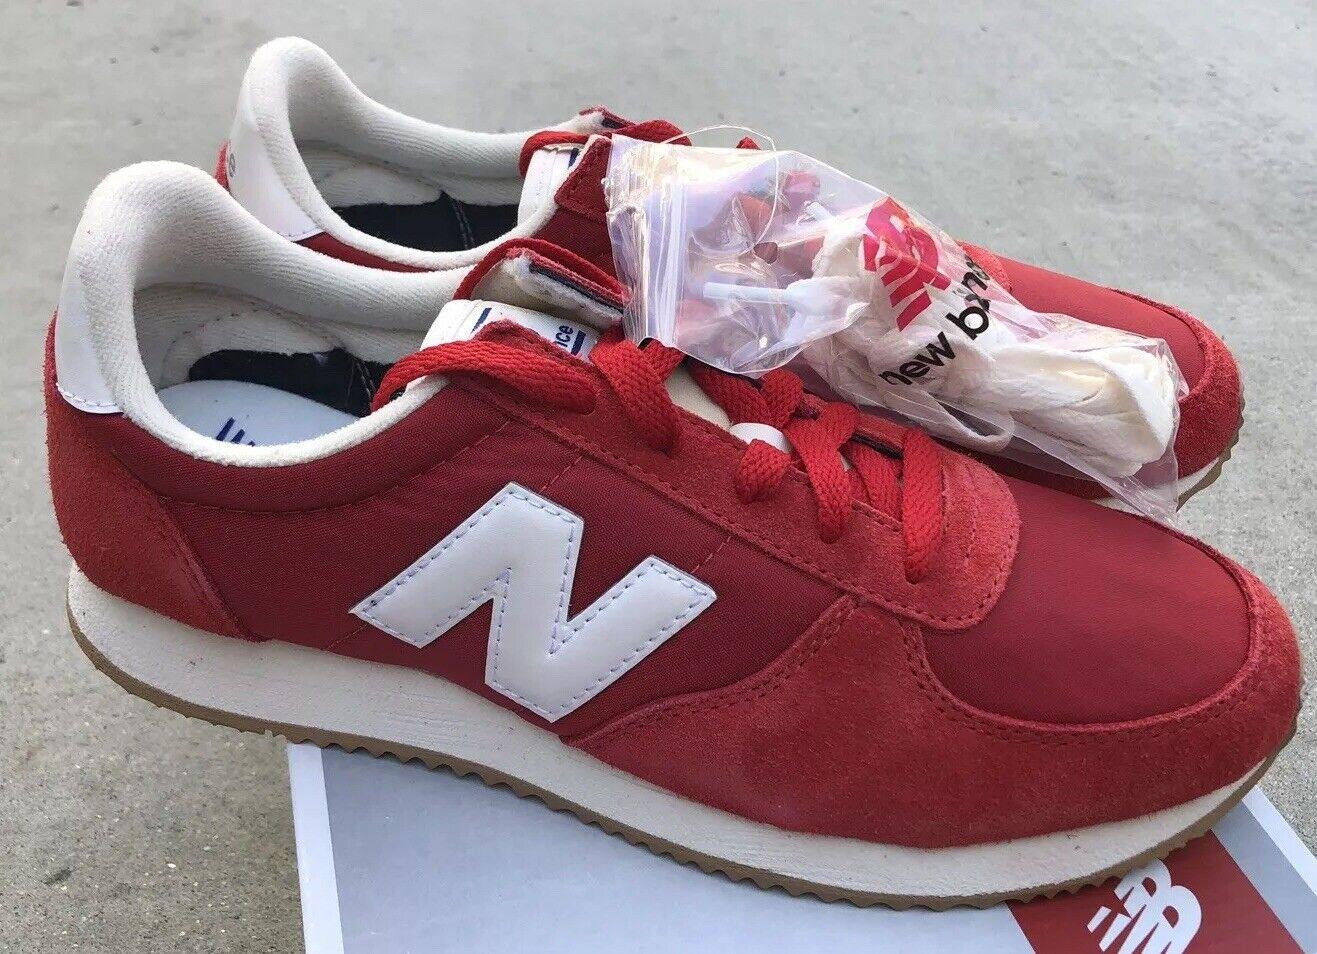 New Balance U220RD Red White Sz 10.5 NIB